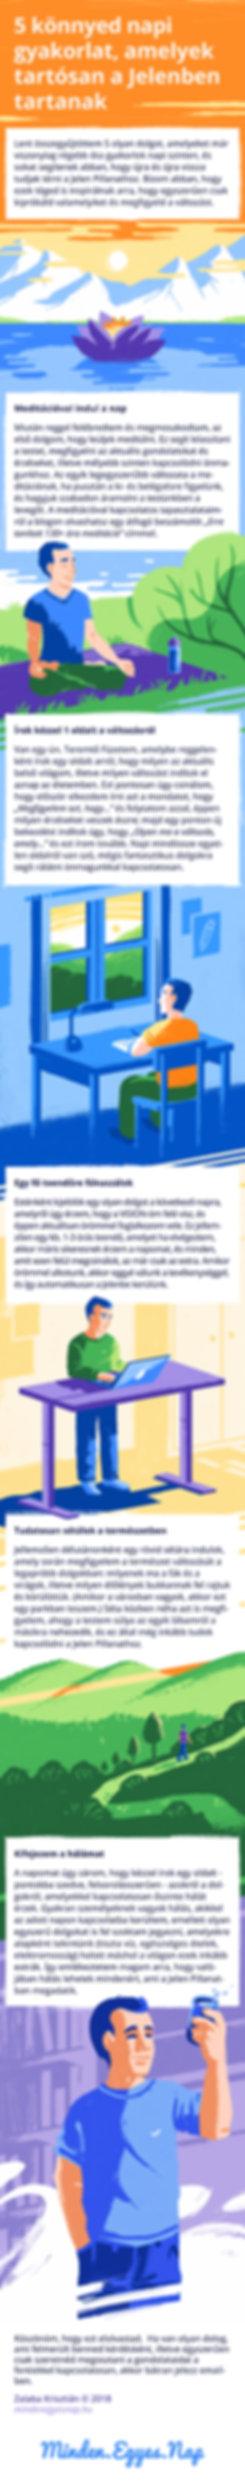 Zalaba, Minden egyes nap, infografika, infographics, illusztráció, Szőke-Kiss Márton, szabadúszó, illusztrátor, grafikus, budapest, békéscsaba